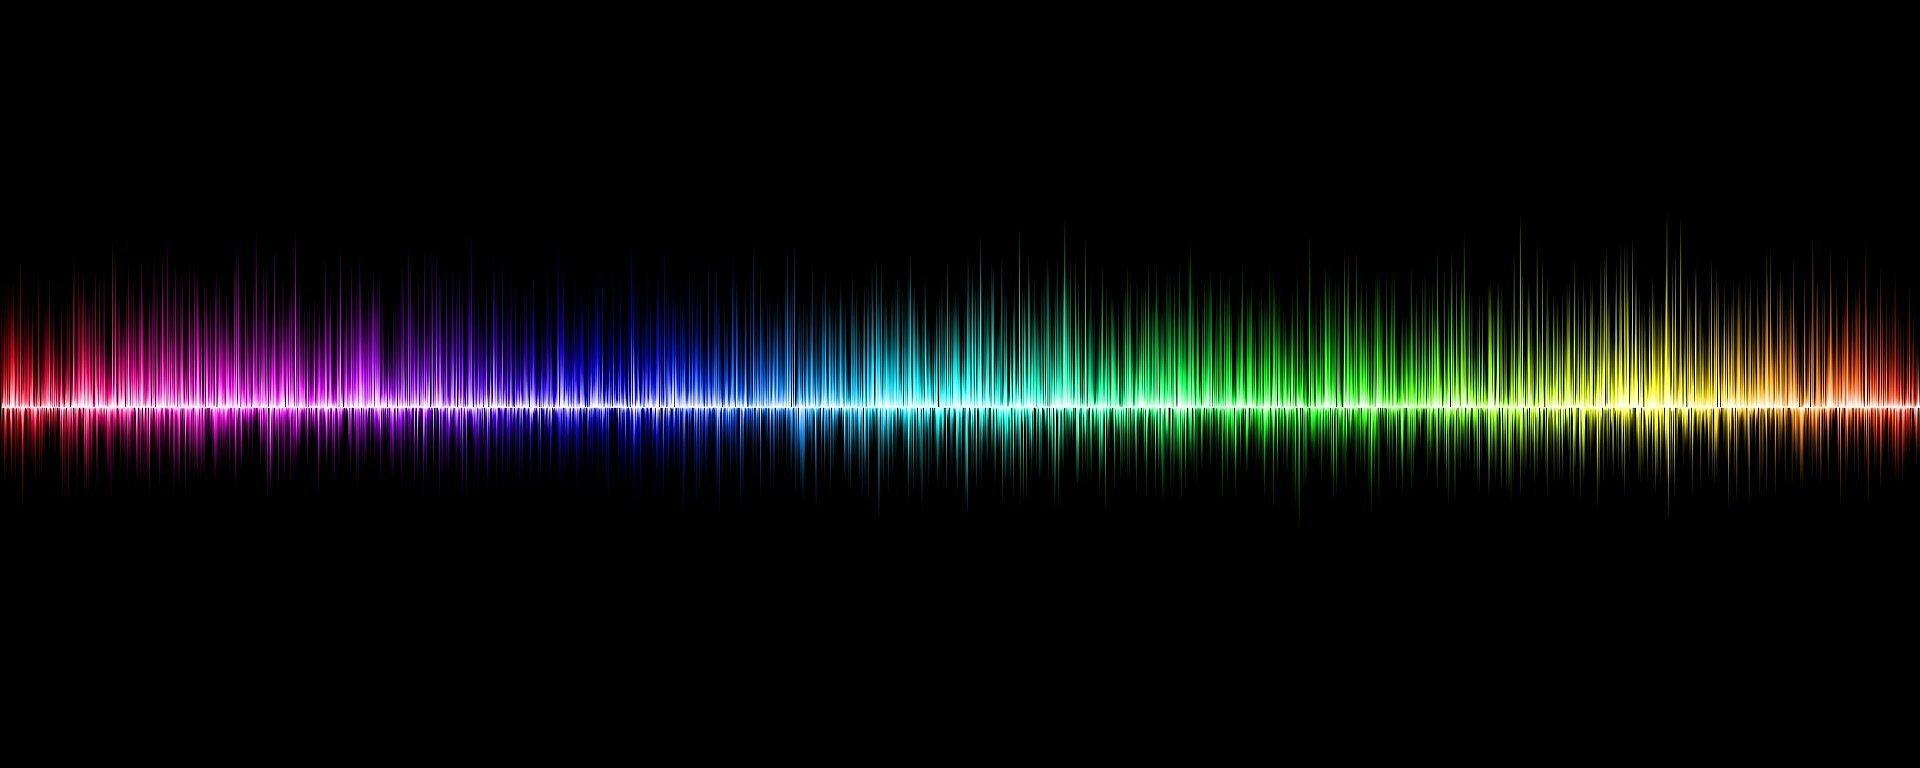 Jak jde zvuk dohromady shmotností? Kredit: CC0 Public Domain.